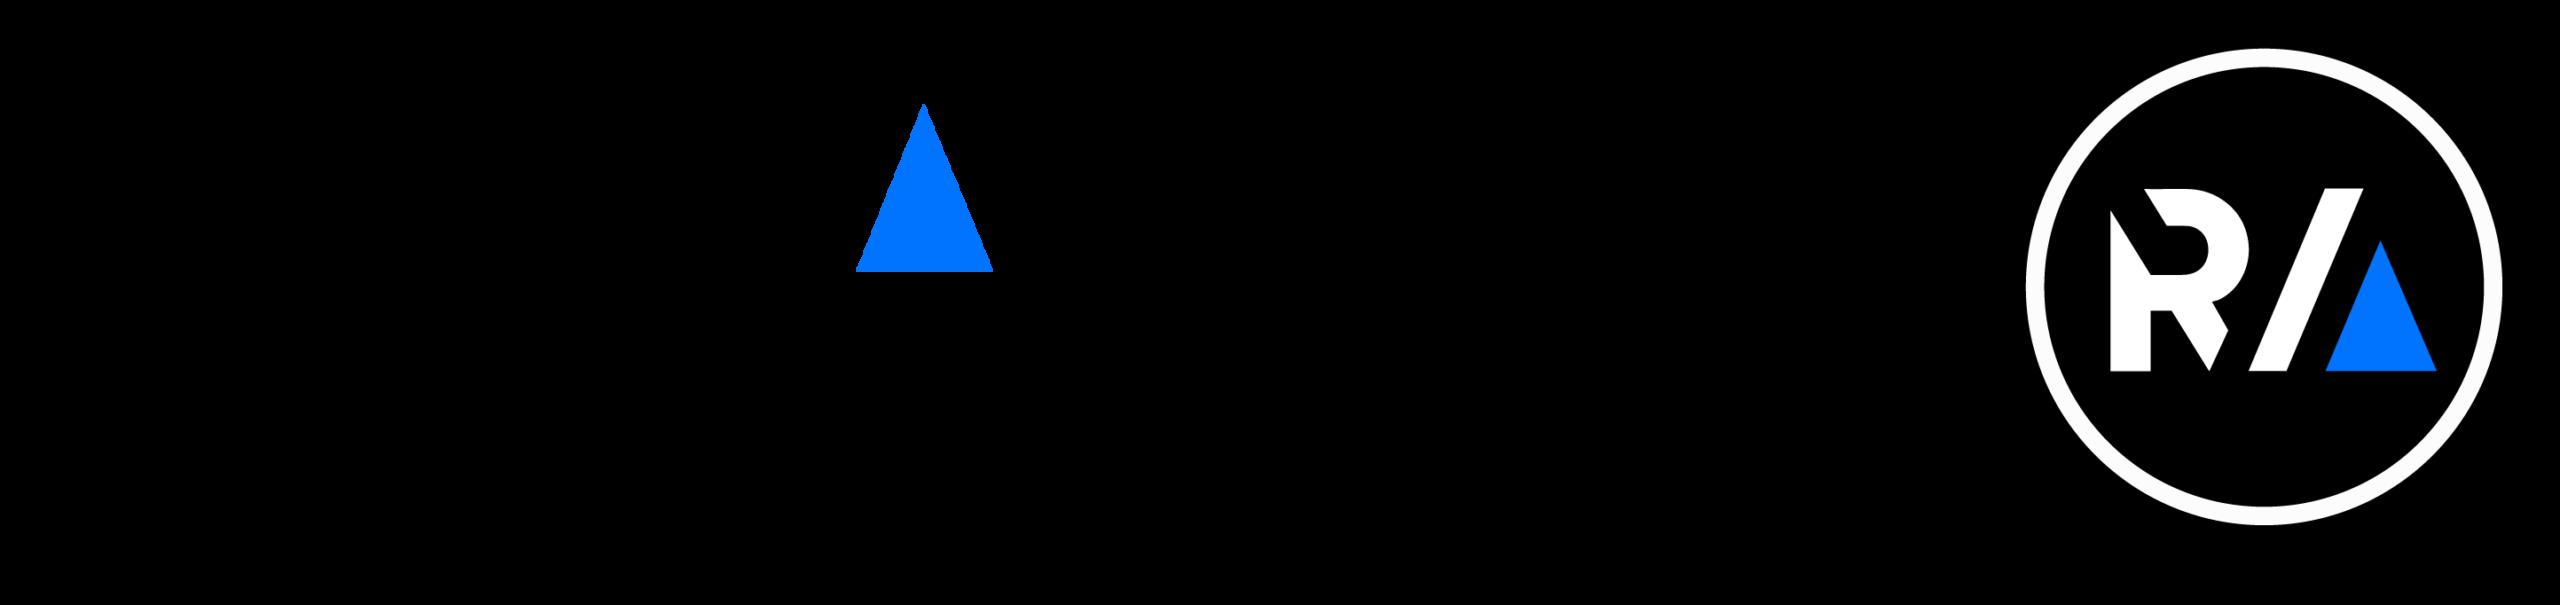 RA Logo-06